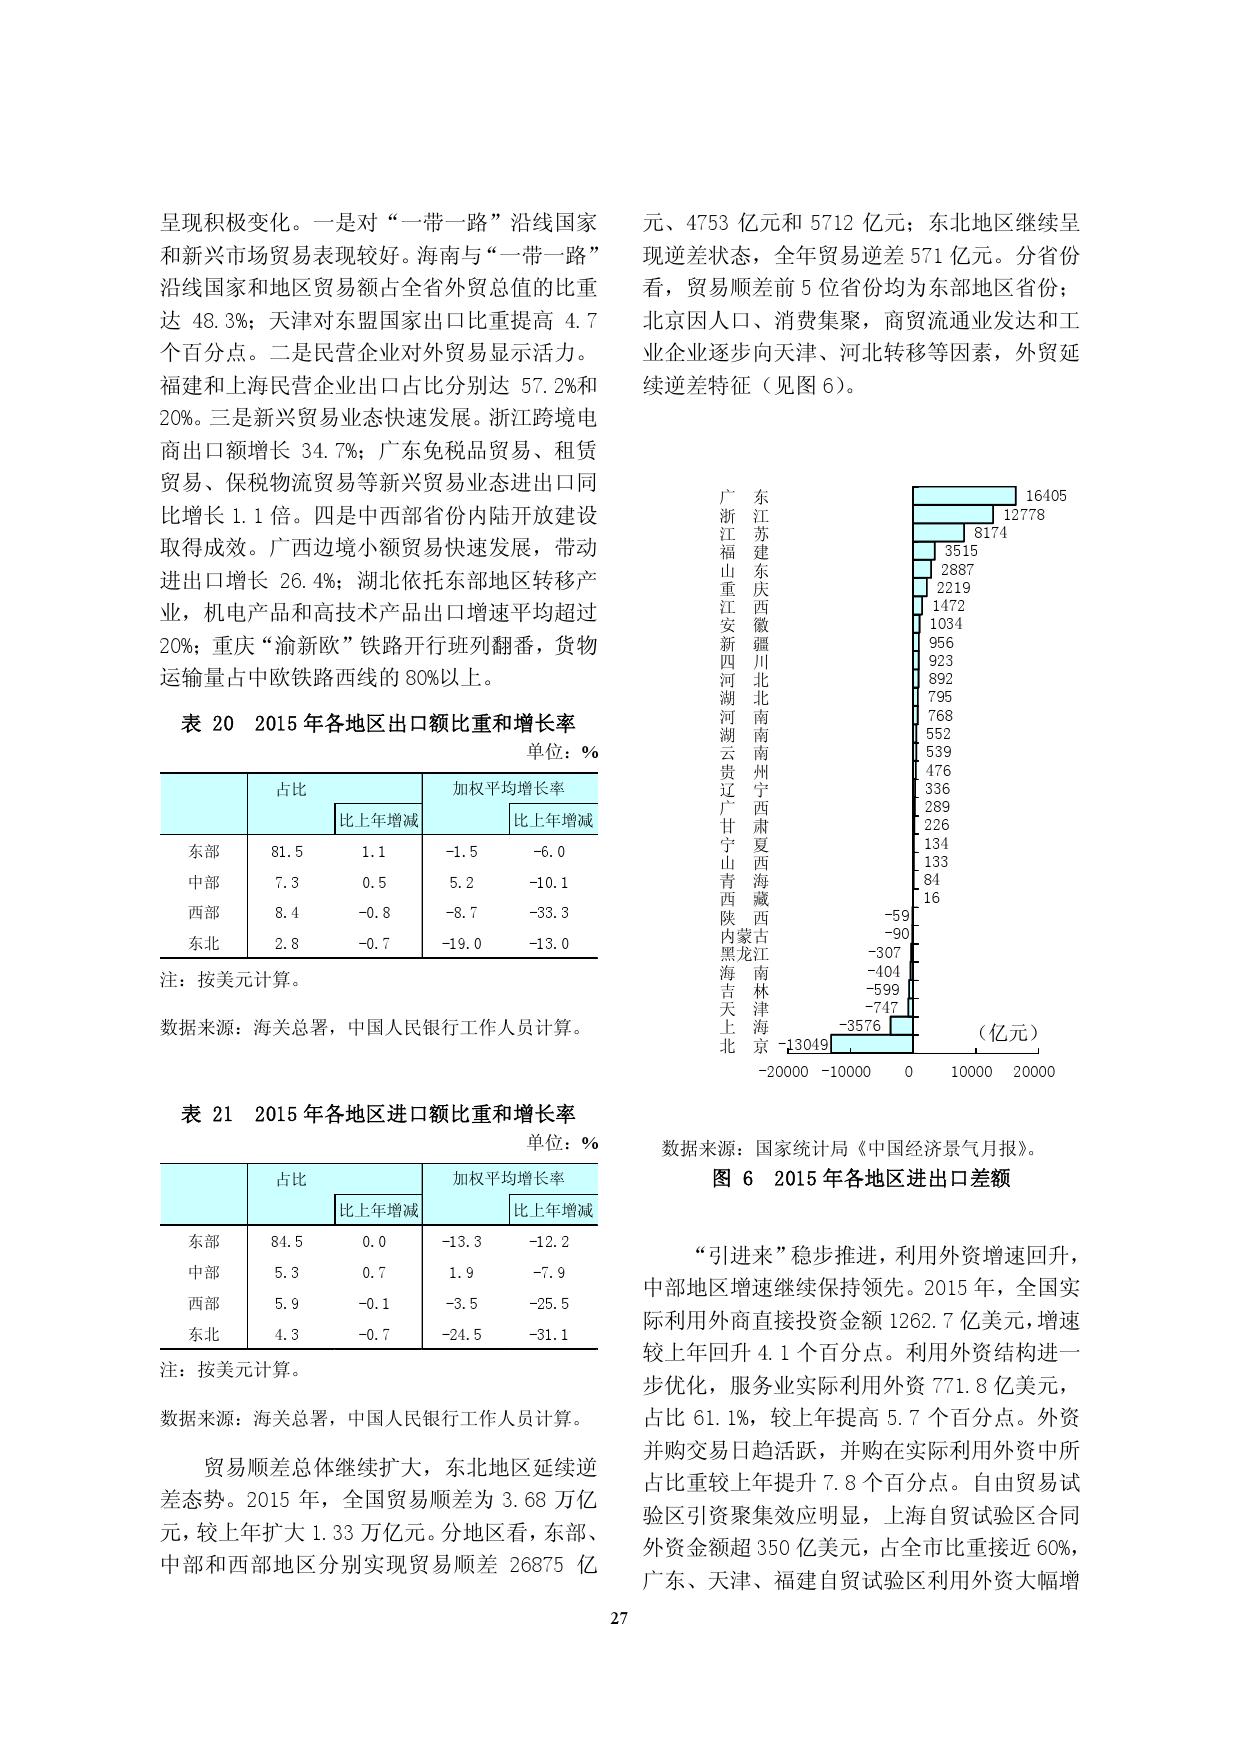 2015年中国区域金融运行报告_000030